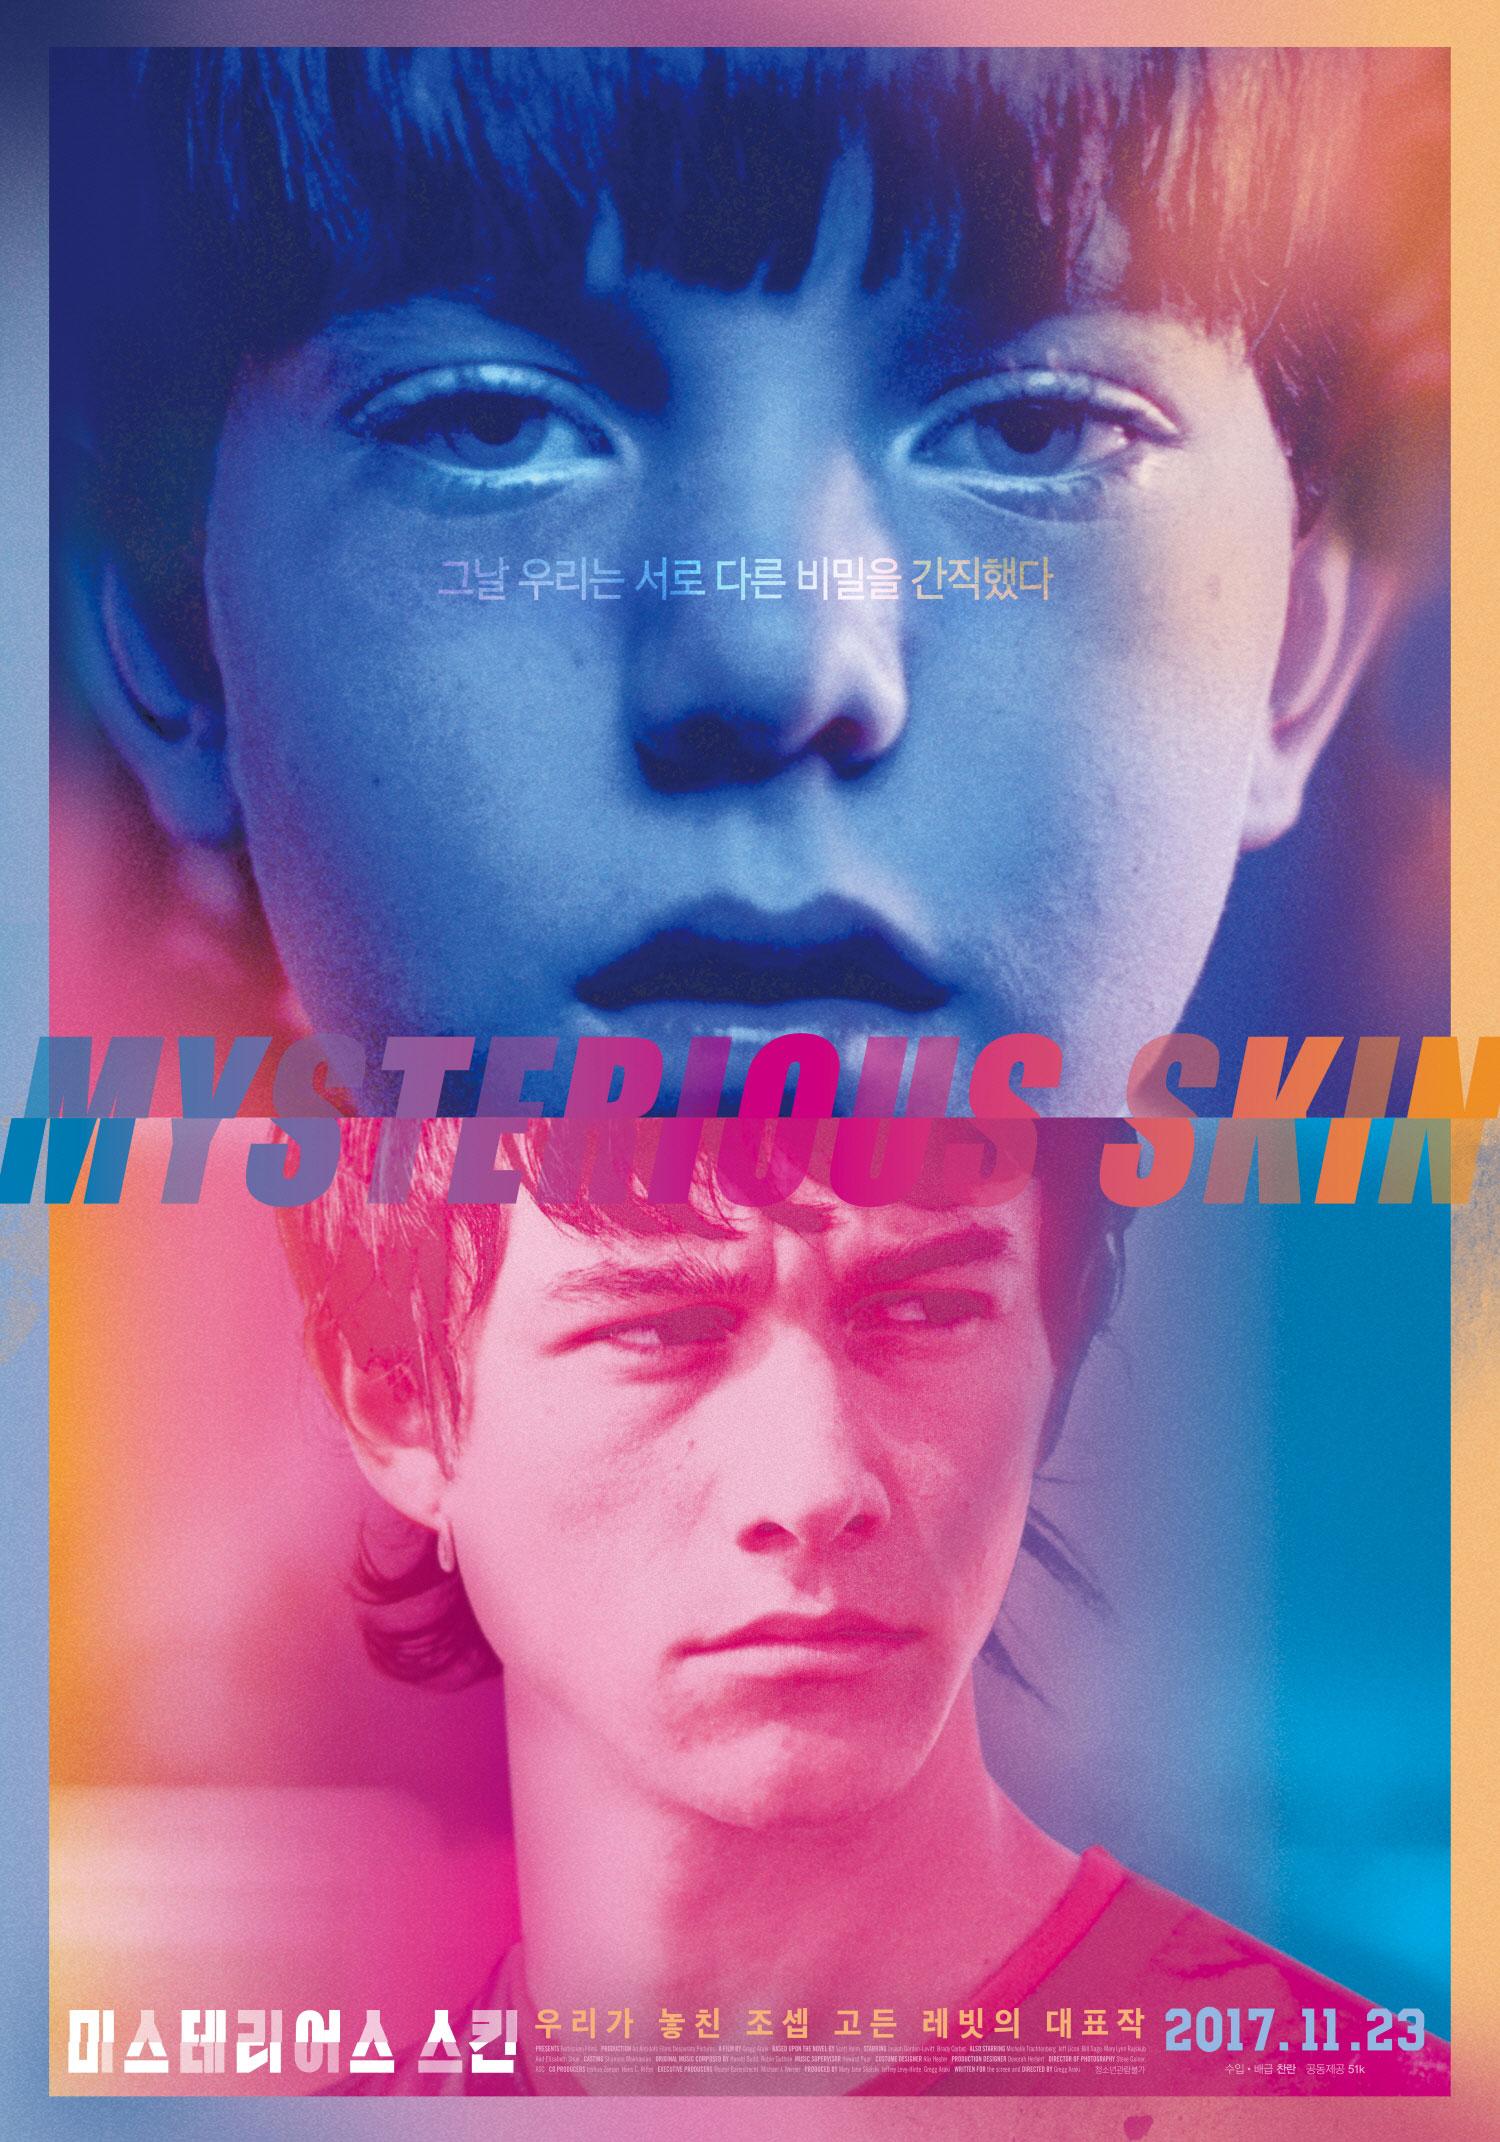 미스테리어스 스킨 포스터